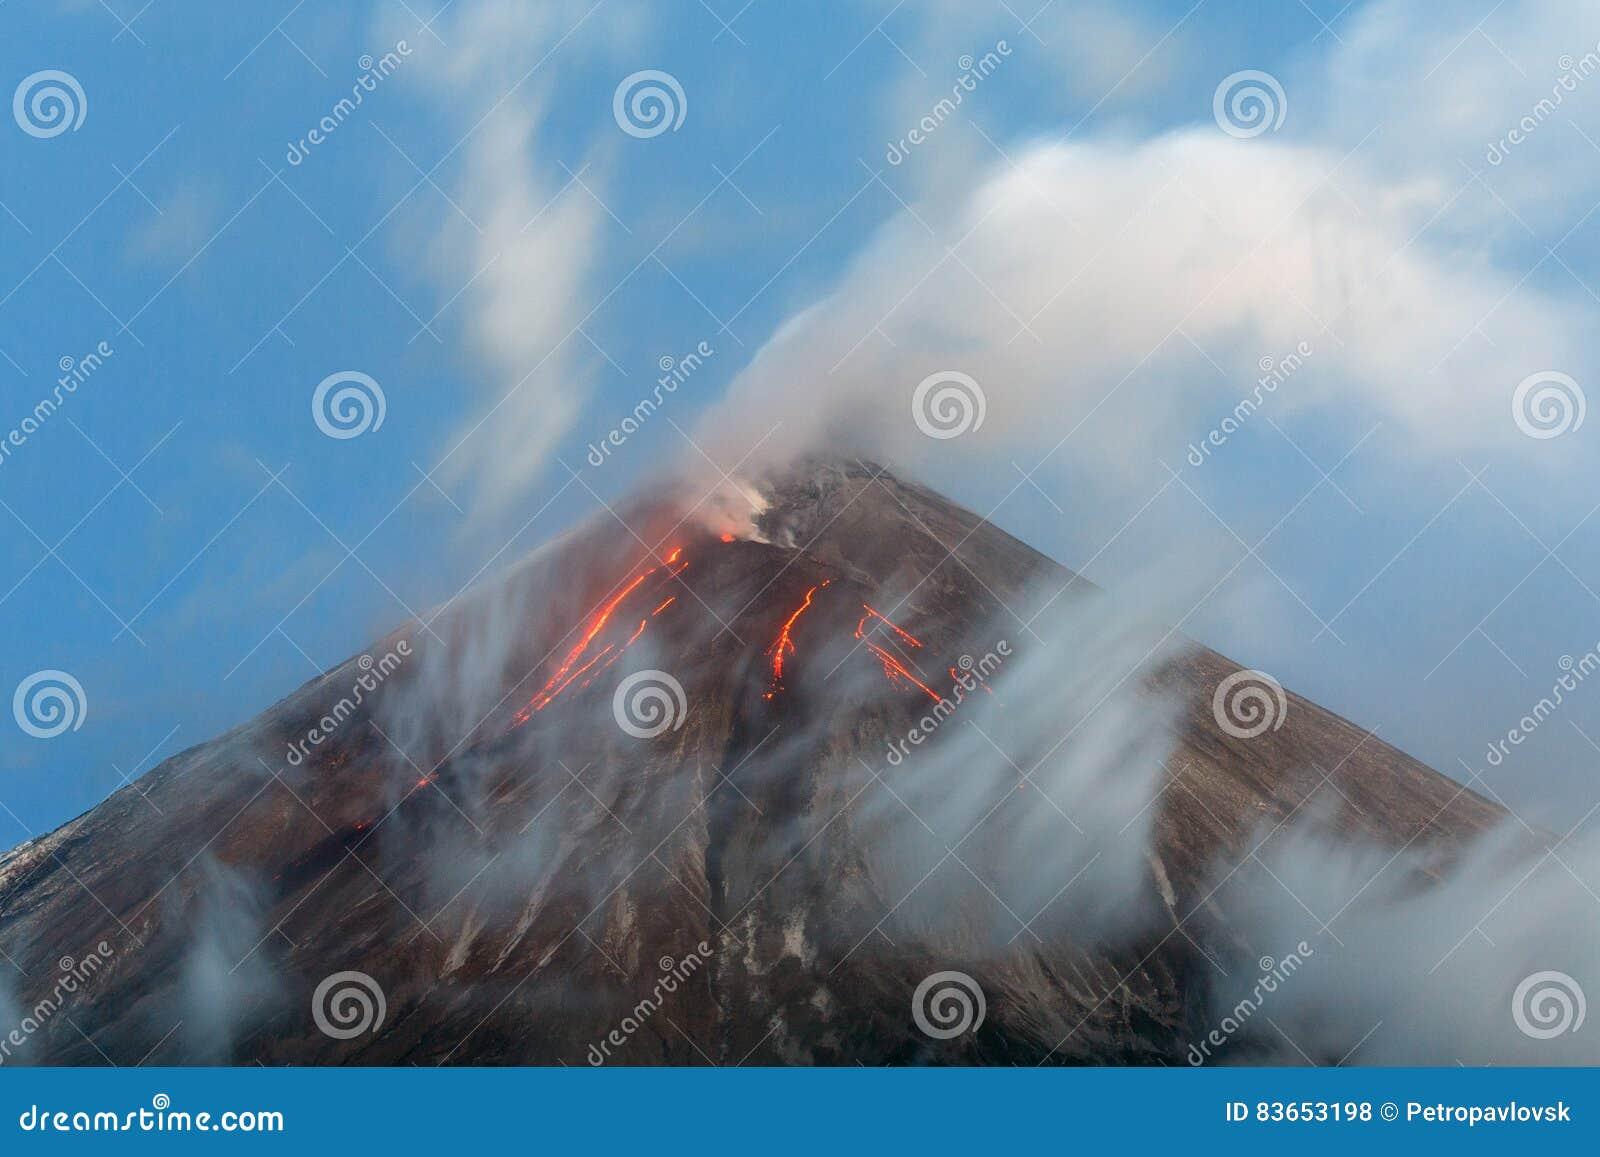 Vulkanische uitbarsting - lavastromen van krater van vulkaan